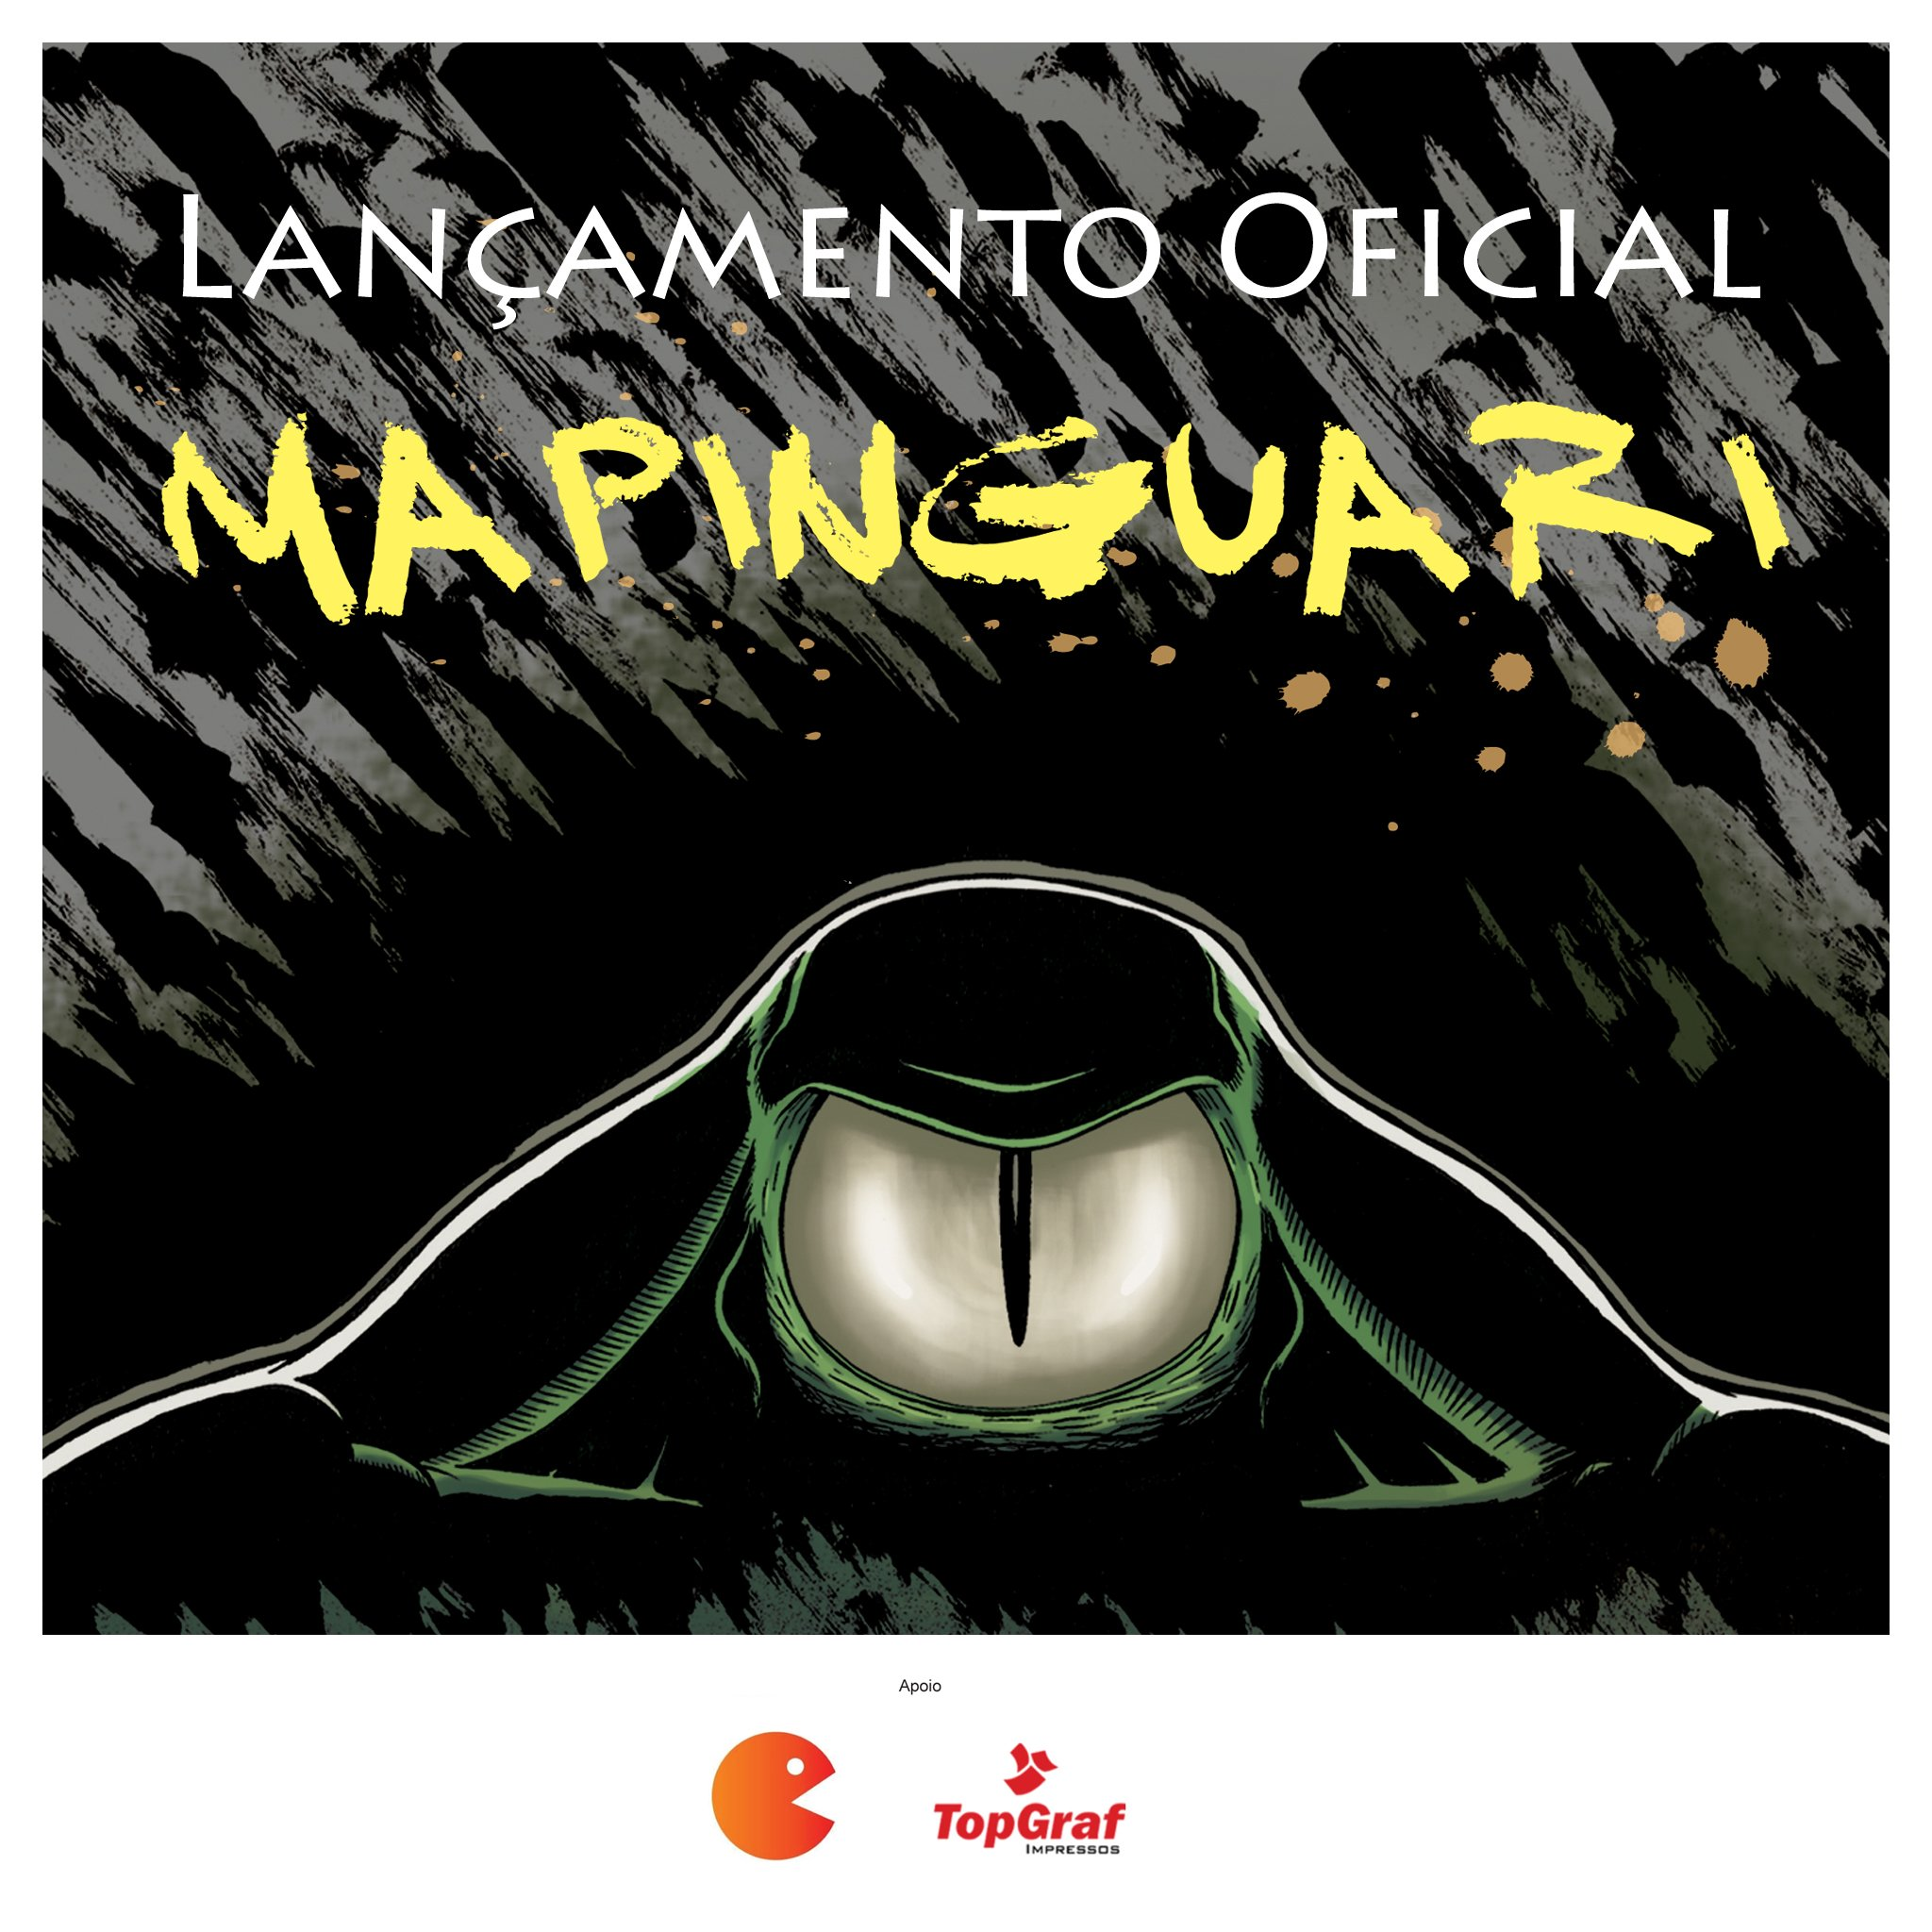 Imagem Lançamento Oficial HQ Mapinguari